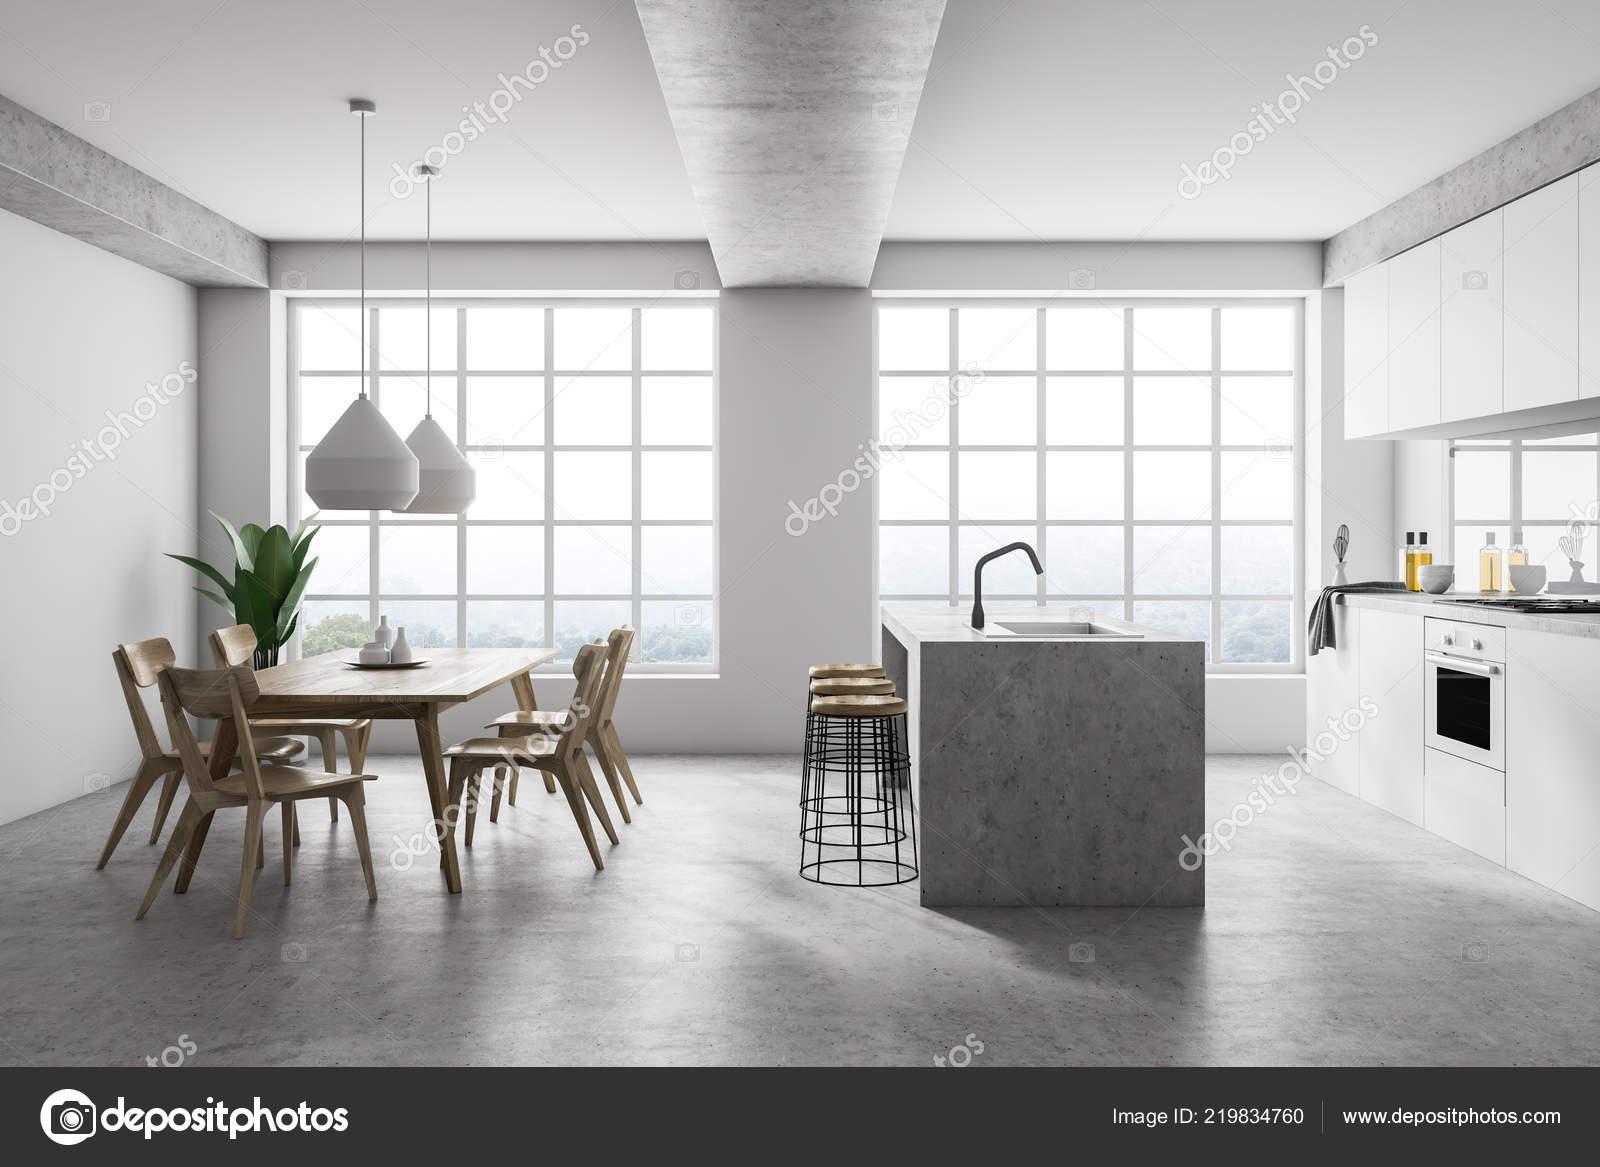 Interieur van moderne keuken met witte muren met betonnen vloer